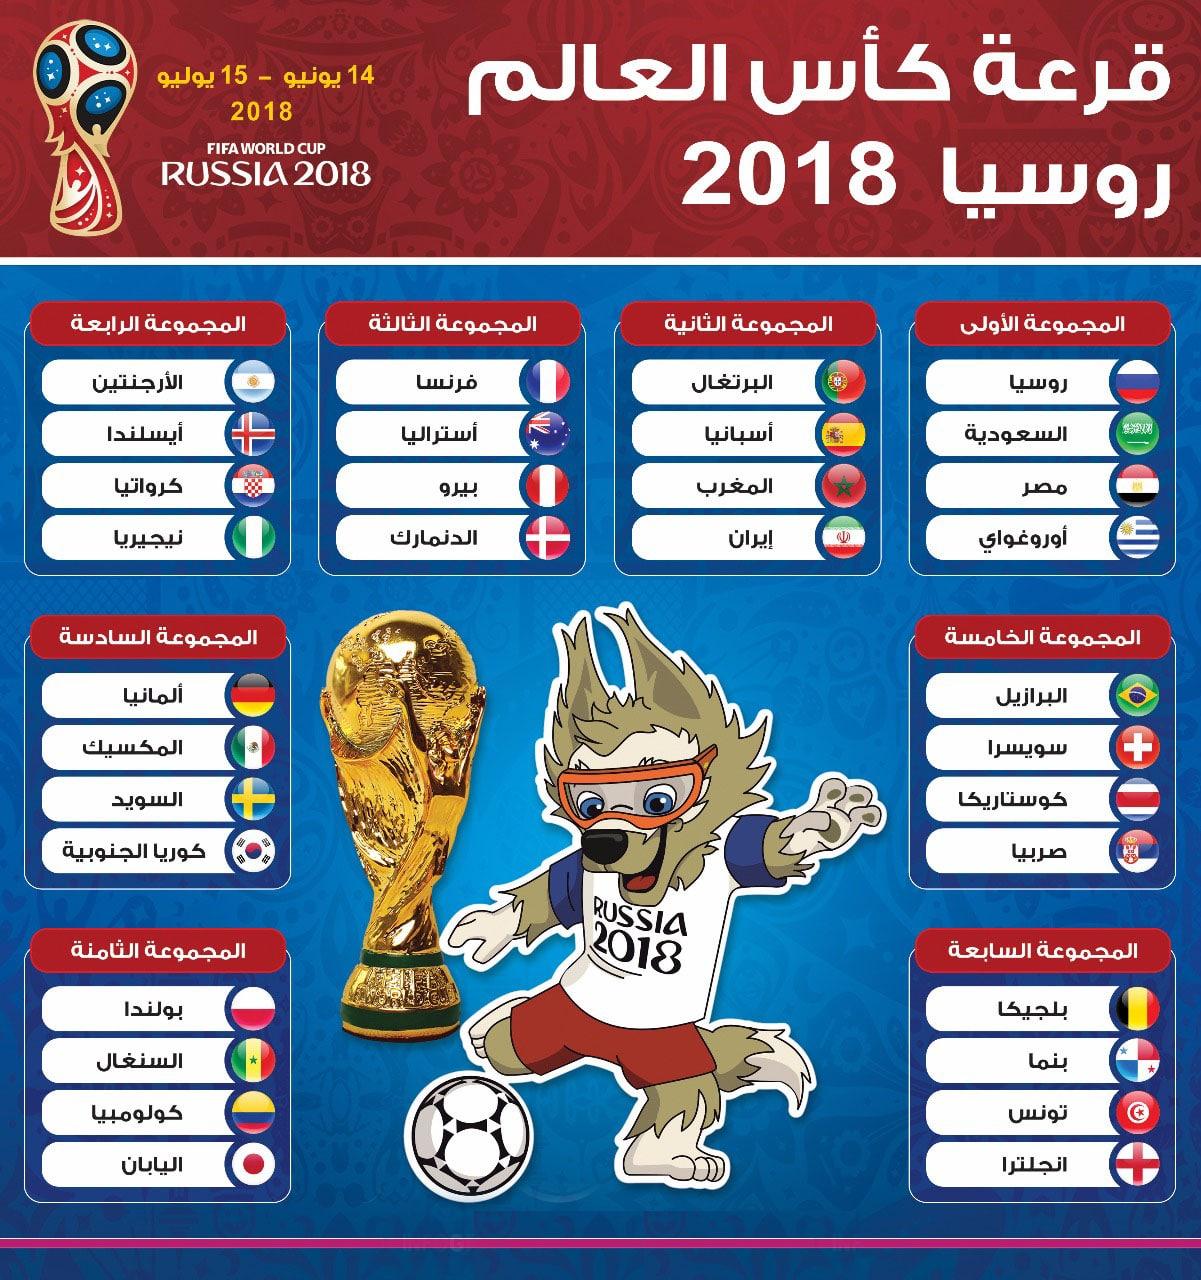 جدول ومواعيد مباريات كاس العالم روسيا 2018